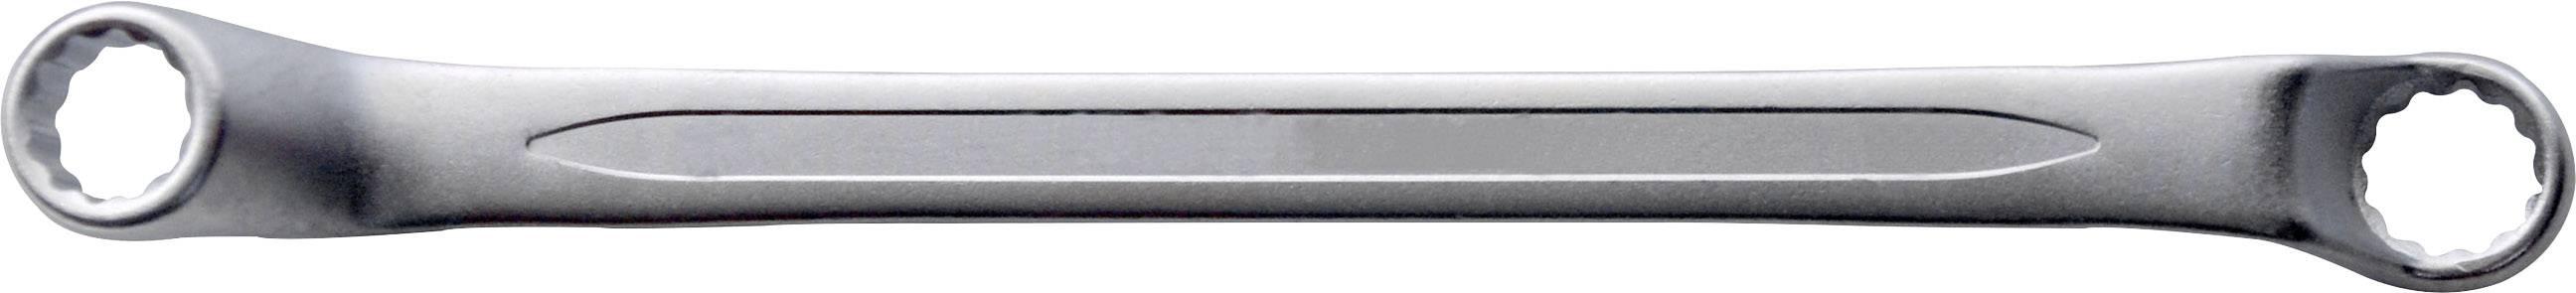 Obojstranný očkový kľúč TOOLCRAFT 820849, 8 - 9 mm, N/A